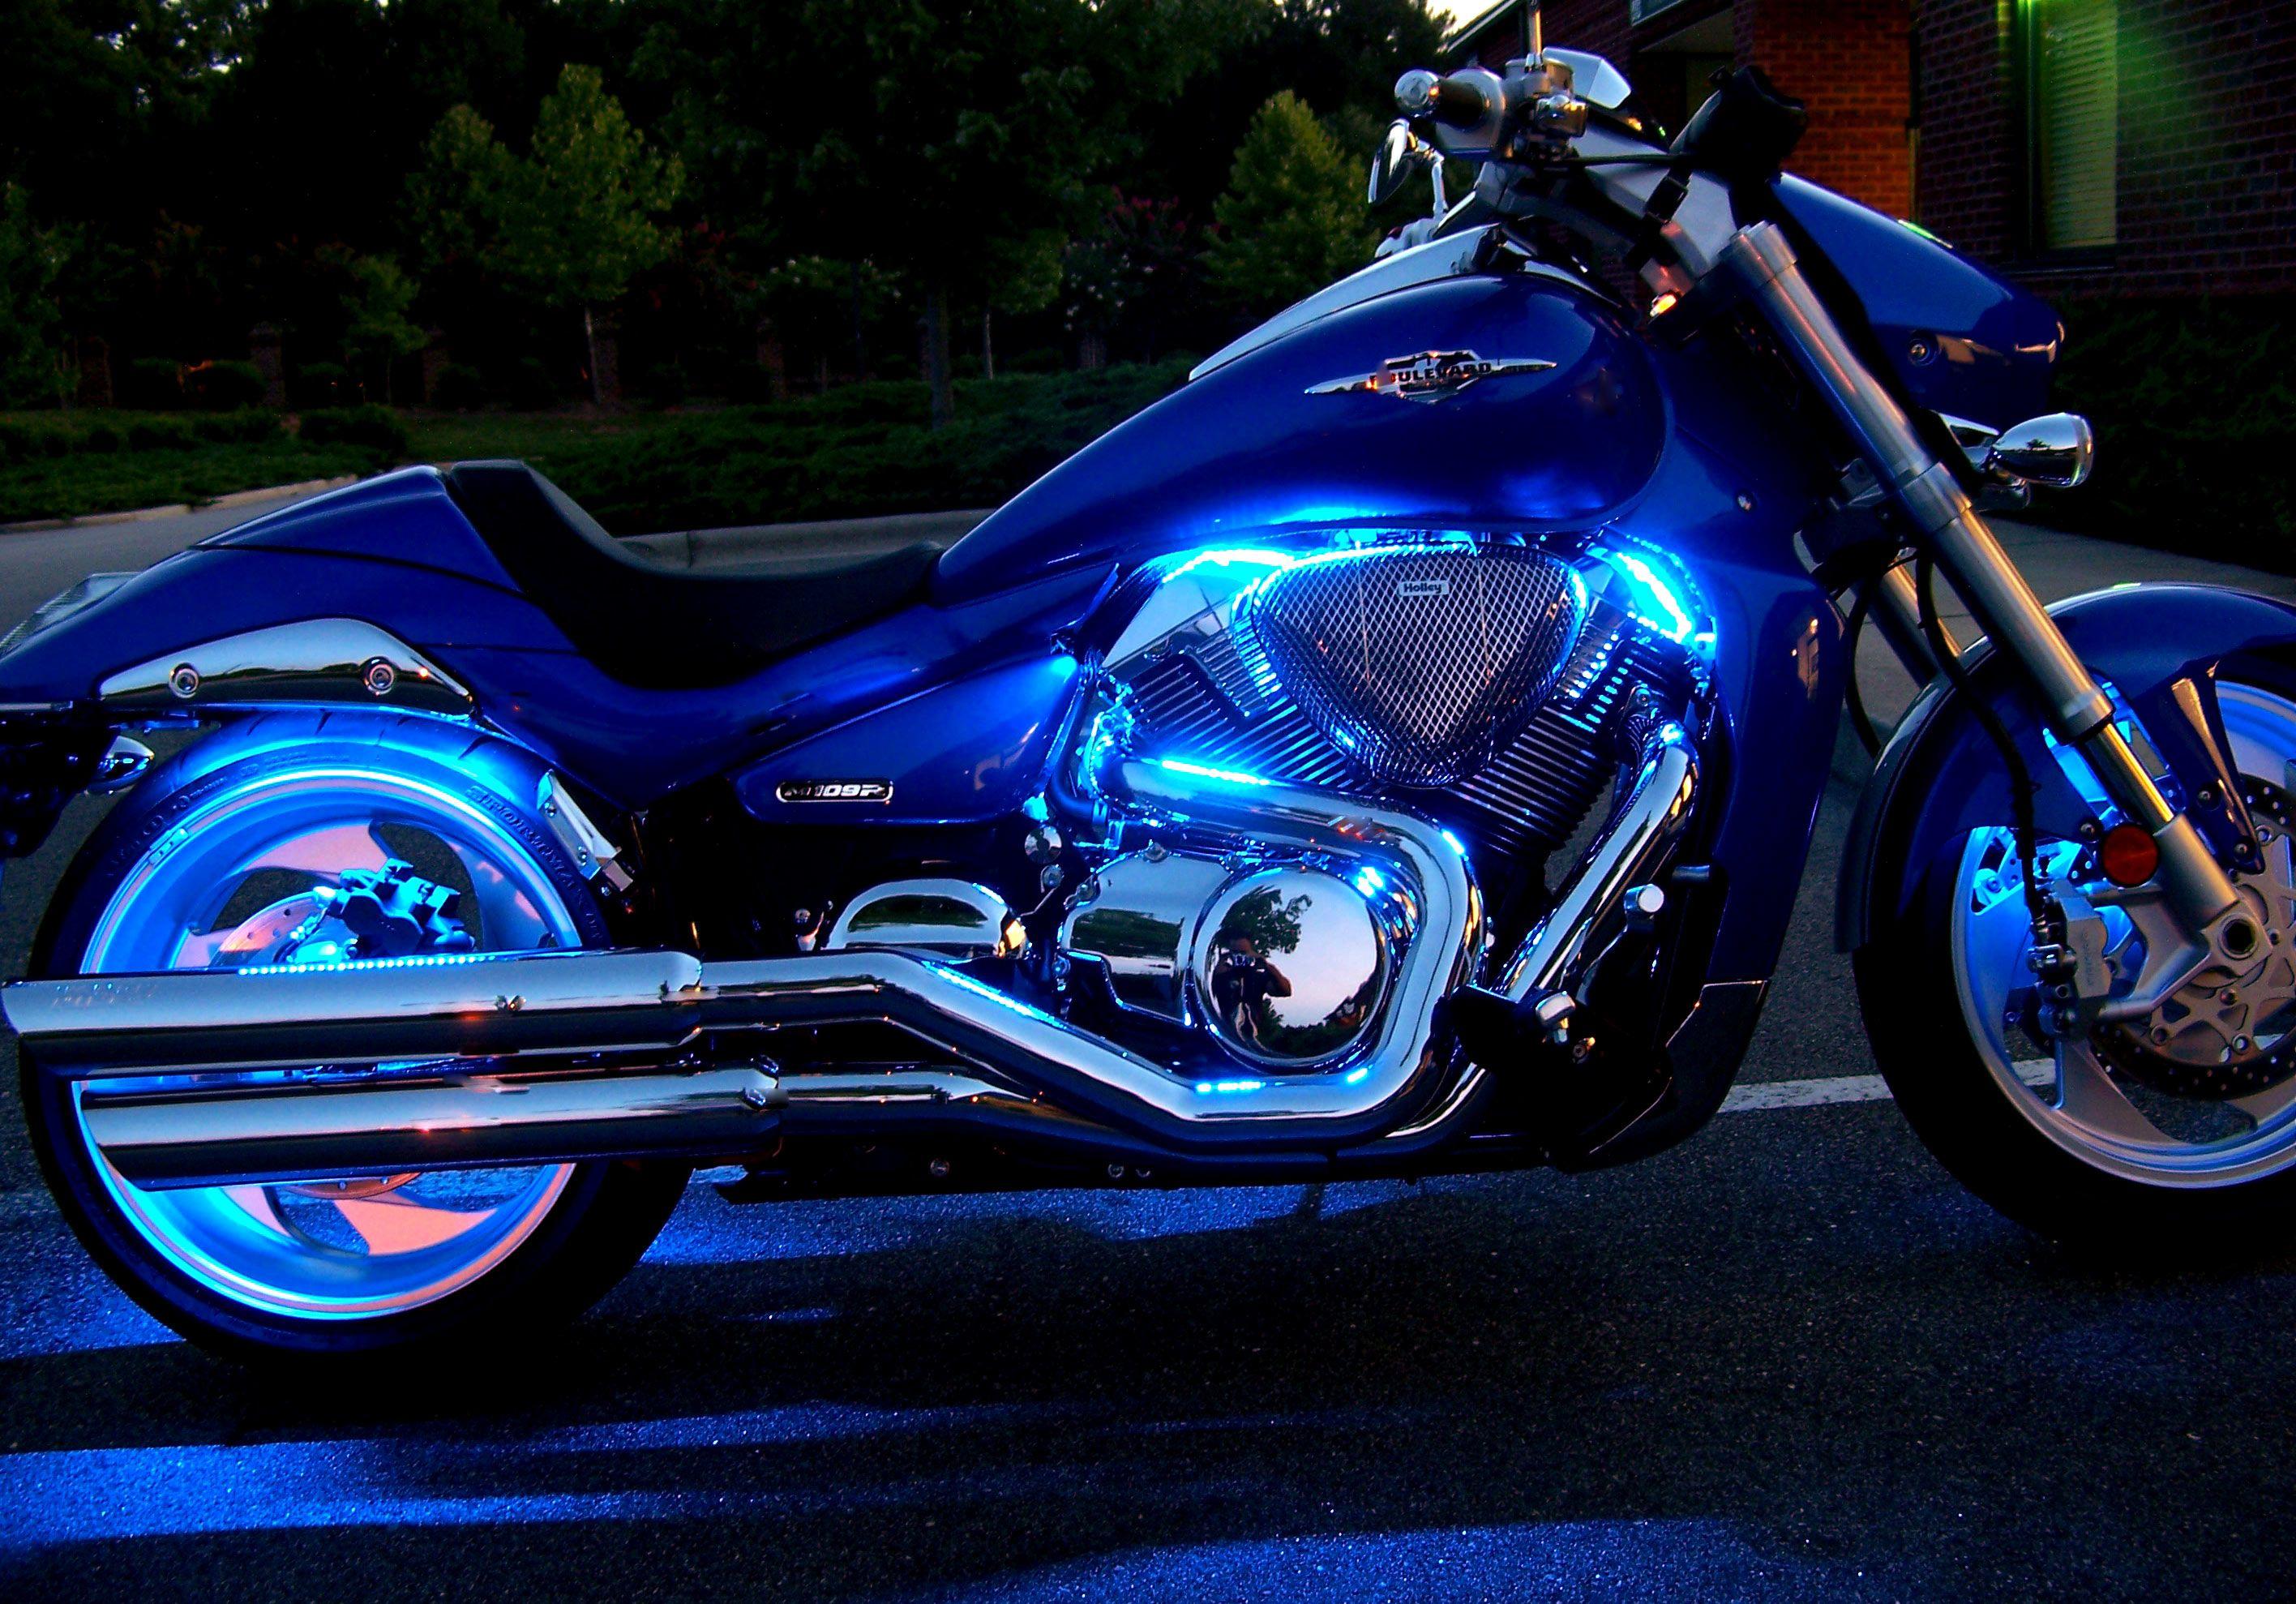 Yamaha Blue Motorcycle